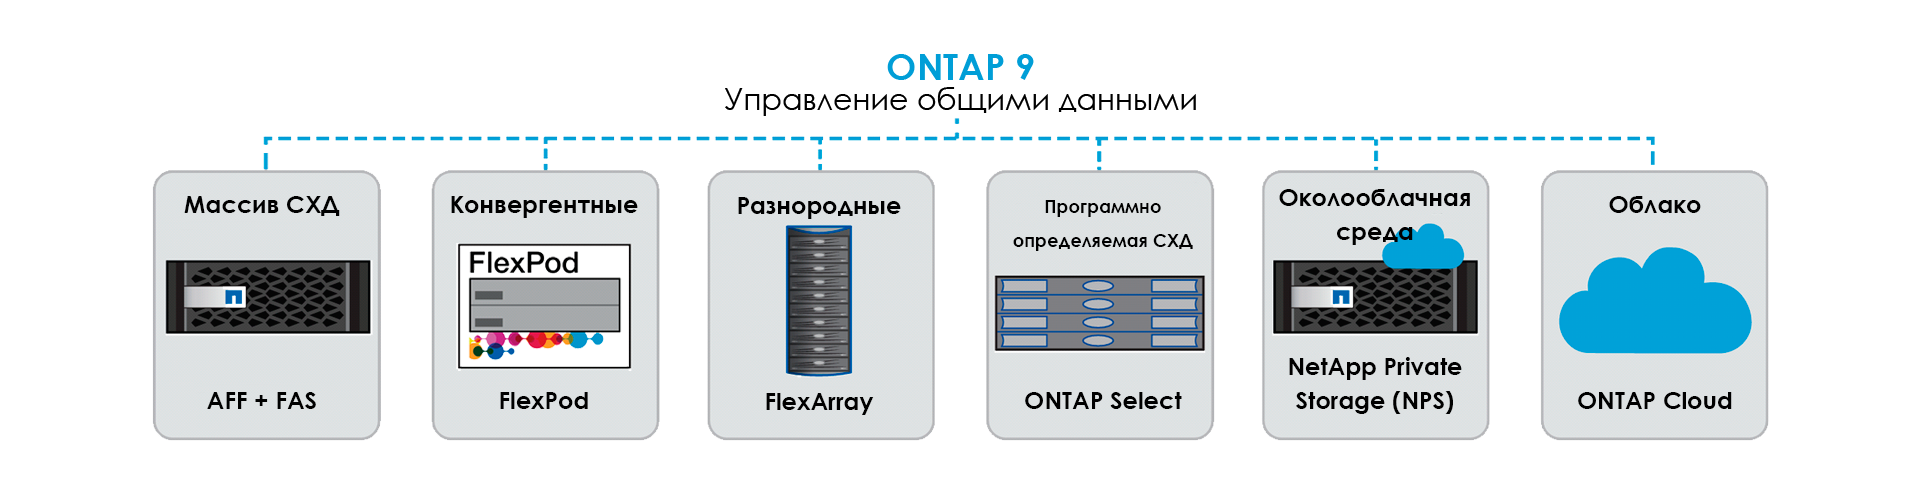 Программное обеспечение ONTAP 9